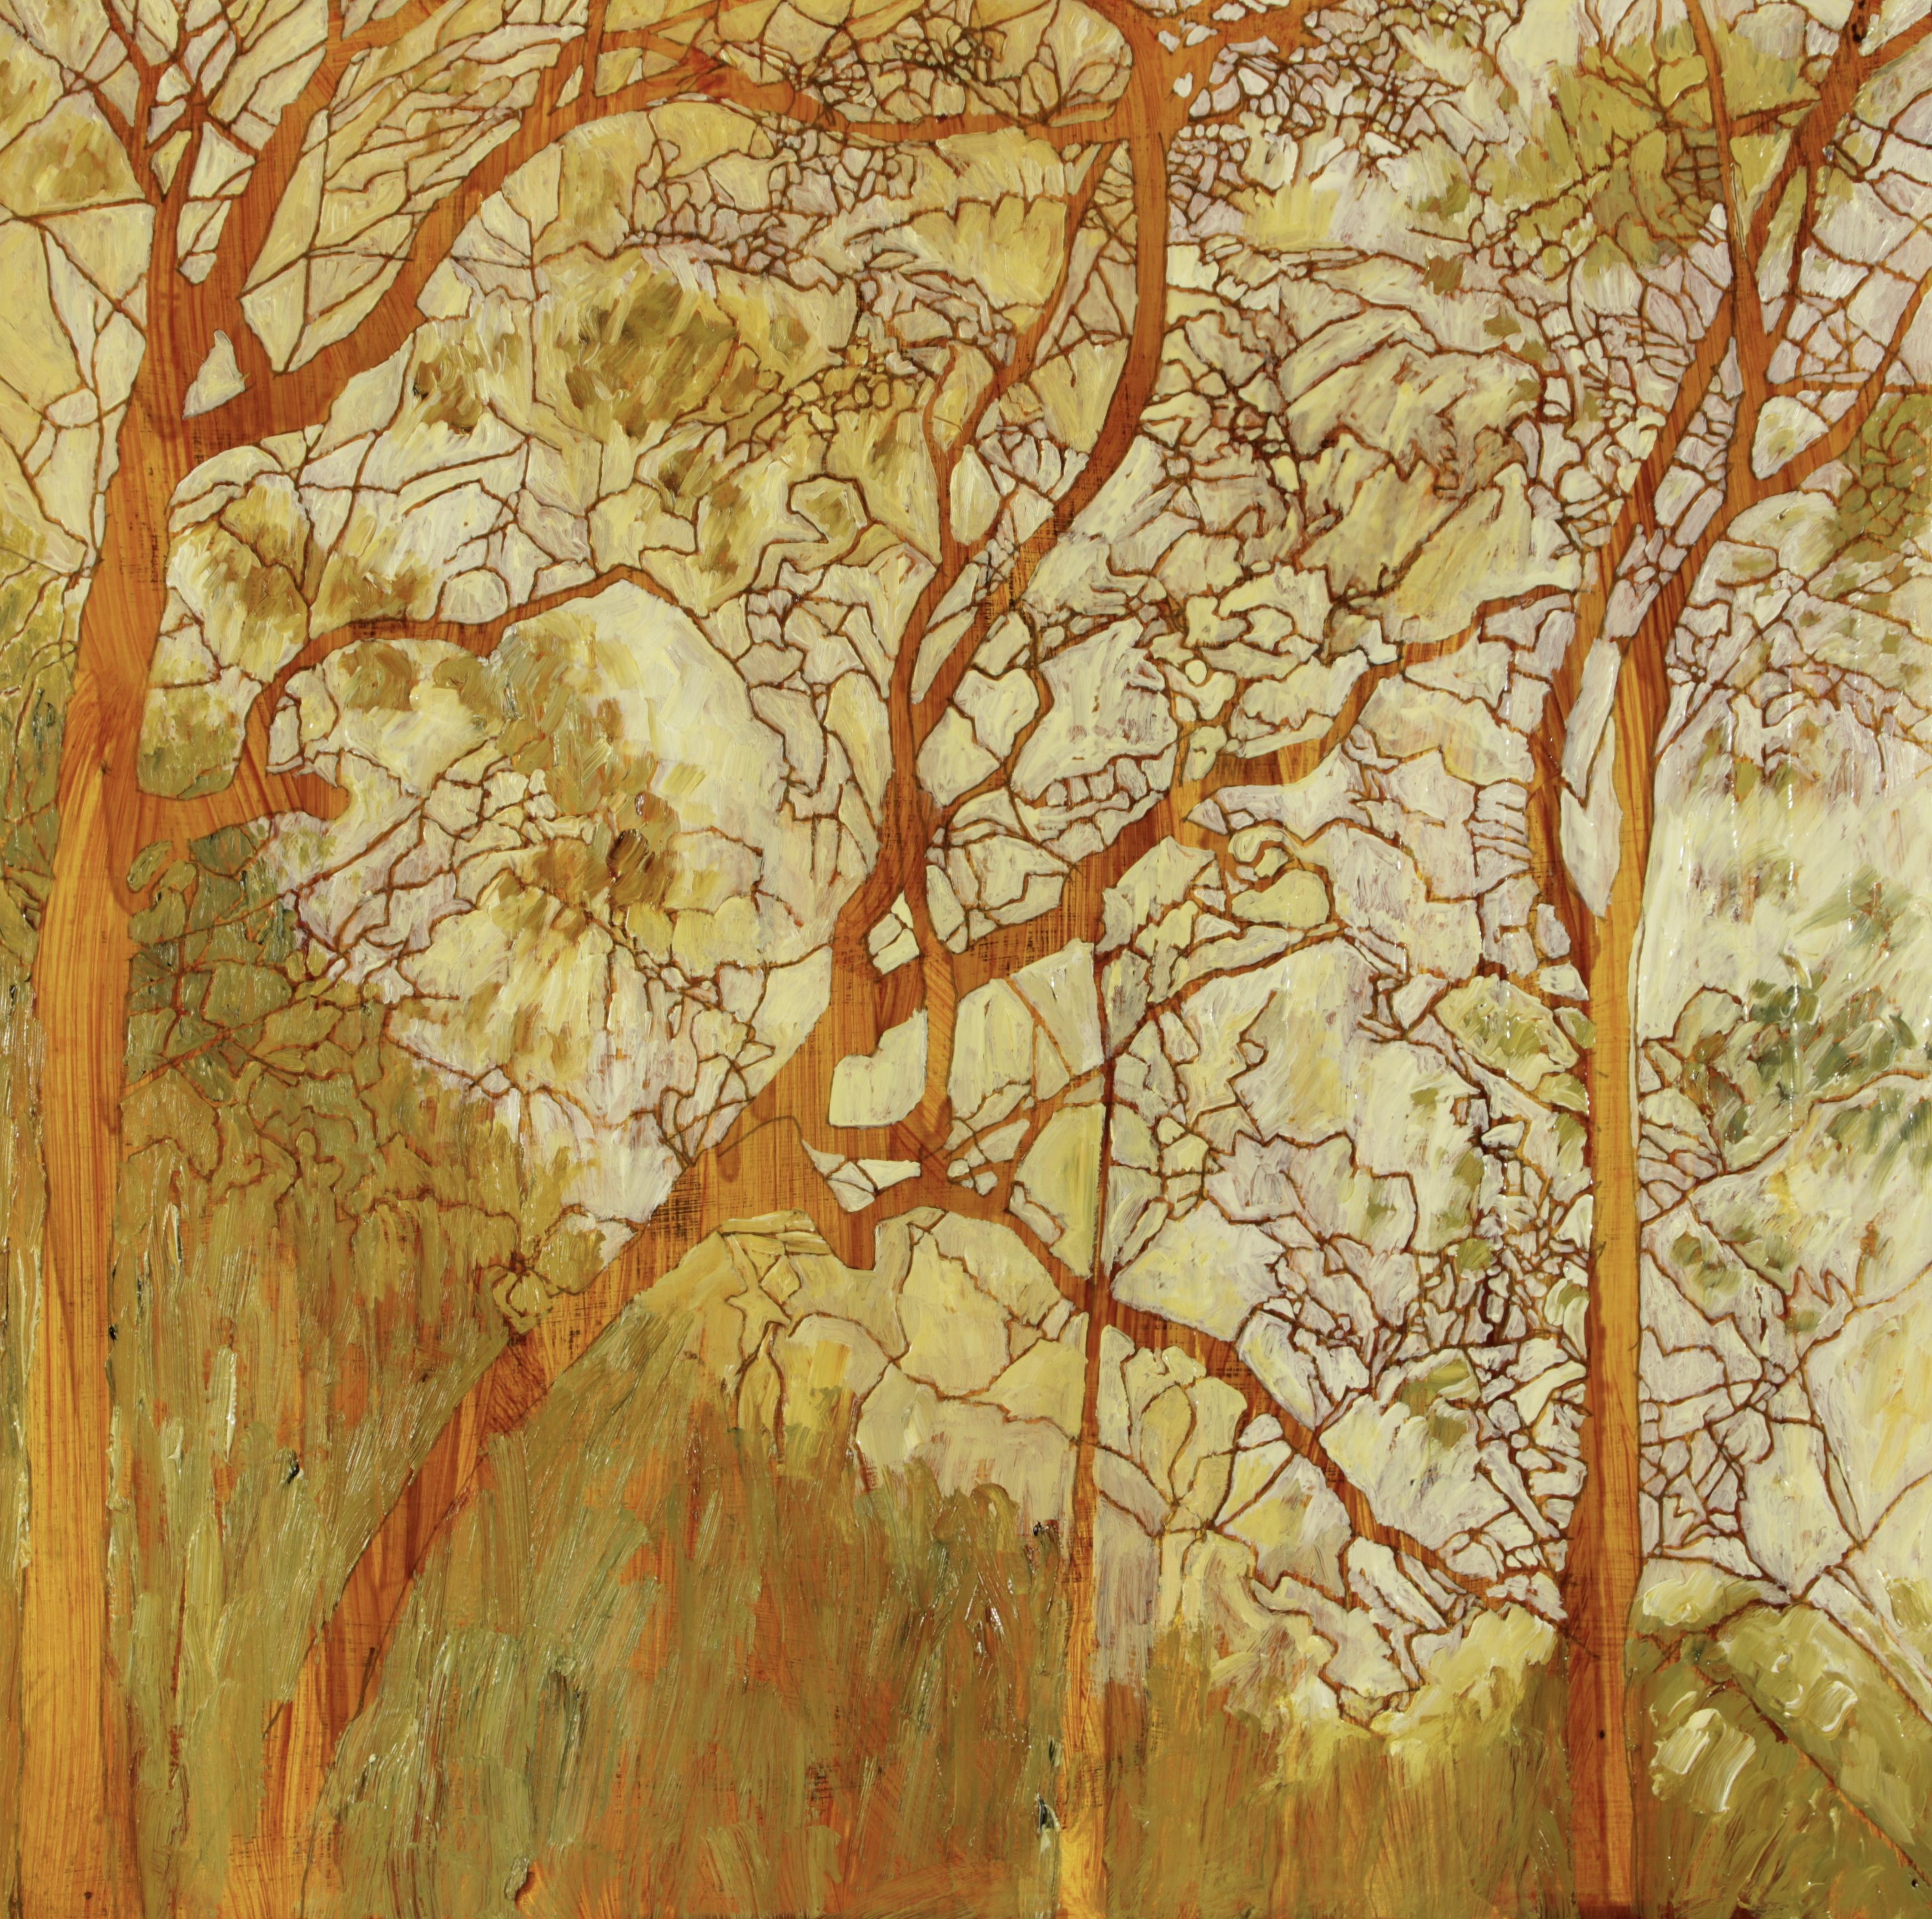 Hillside, Watagans, 30 x 30 cm